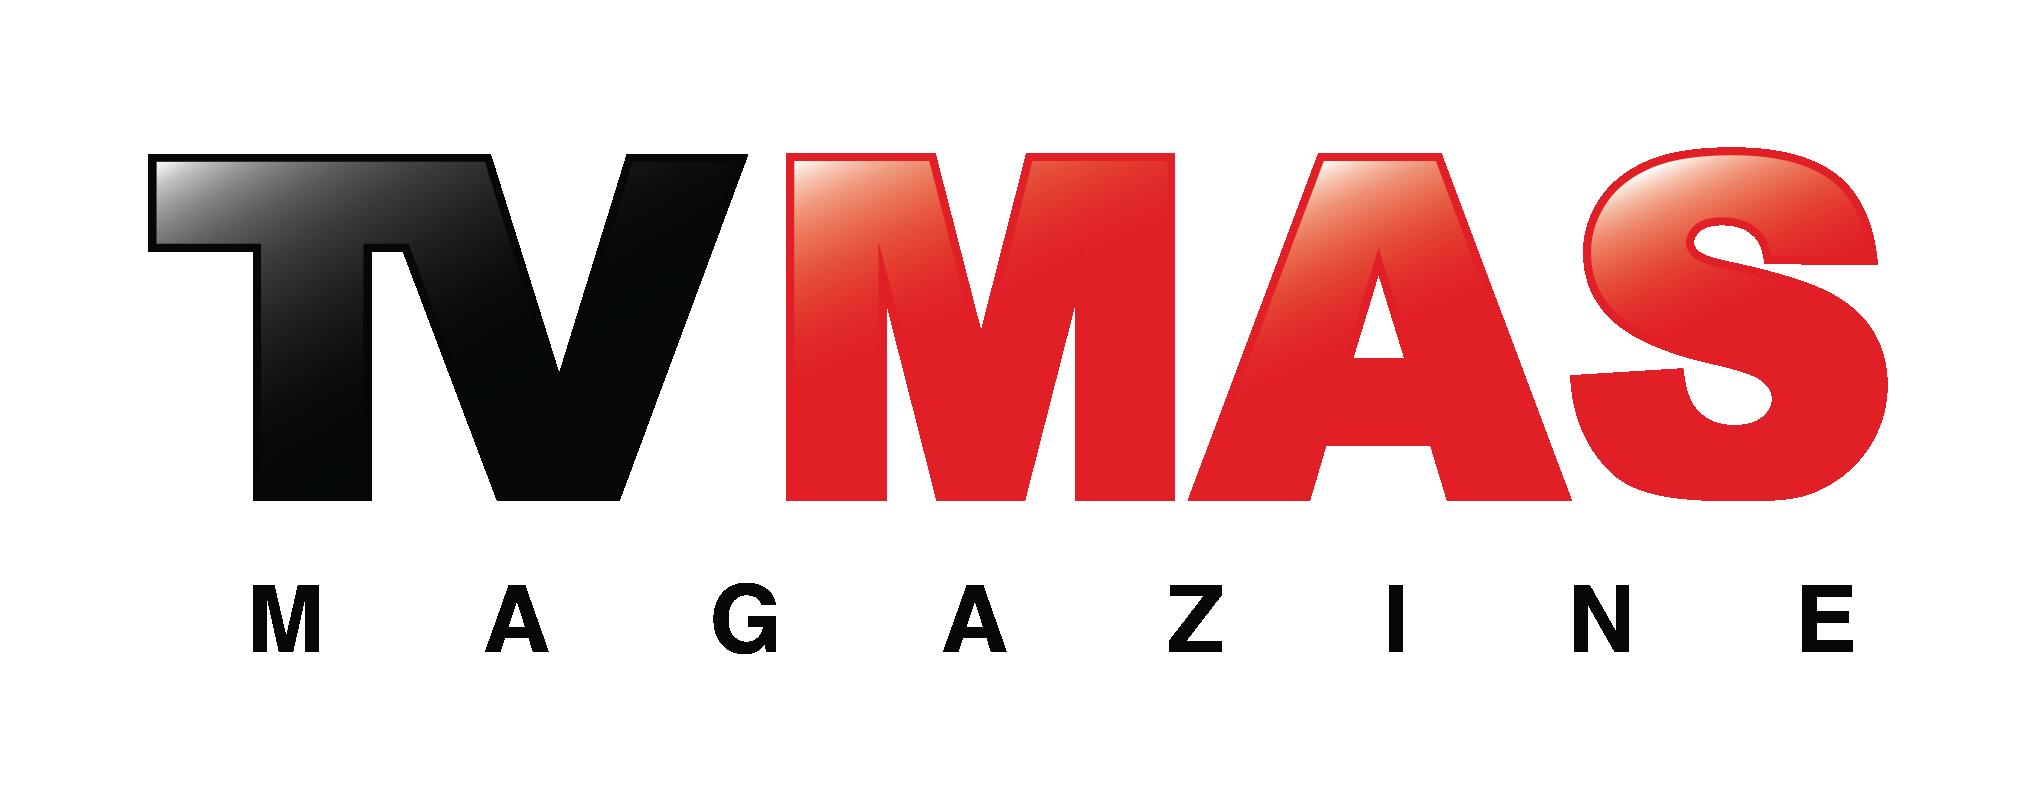 TVMAS-logo